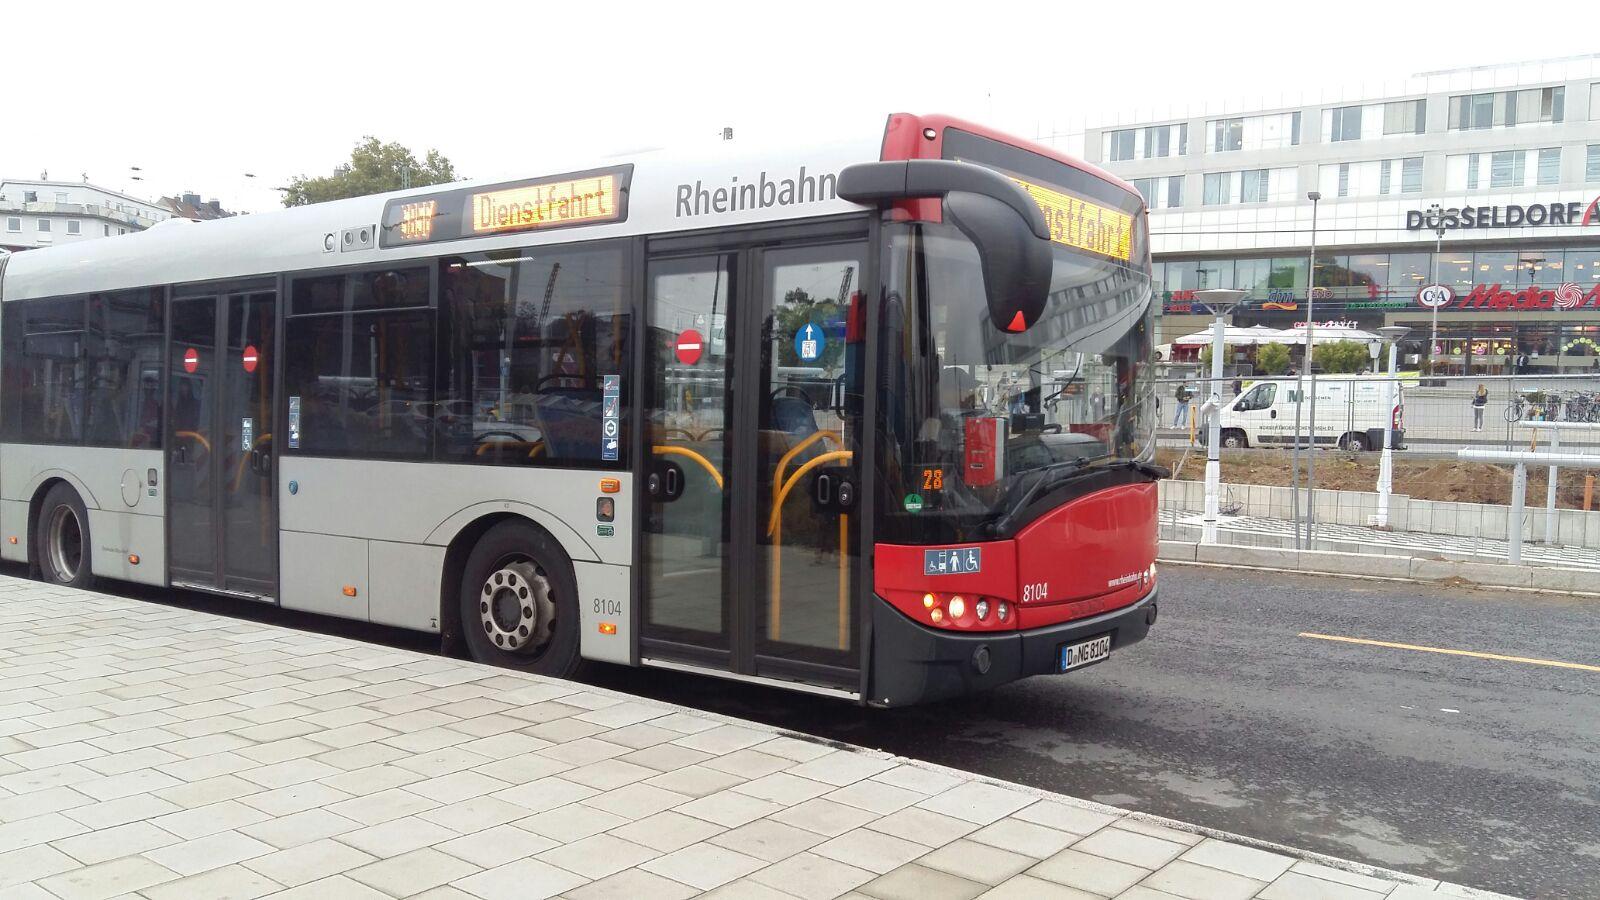 Wegen Notstandsarbeiten nach einem Wasserrohrbruch kann die Buslinie 833 nicht wie gewohnt fahren. (Foto: xity)